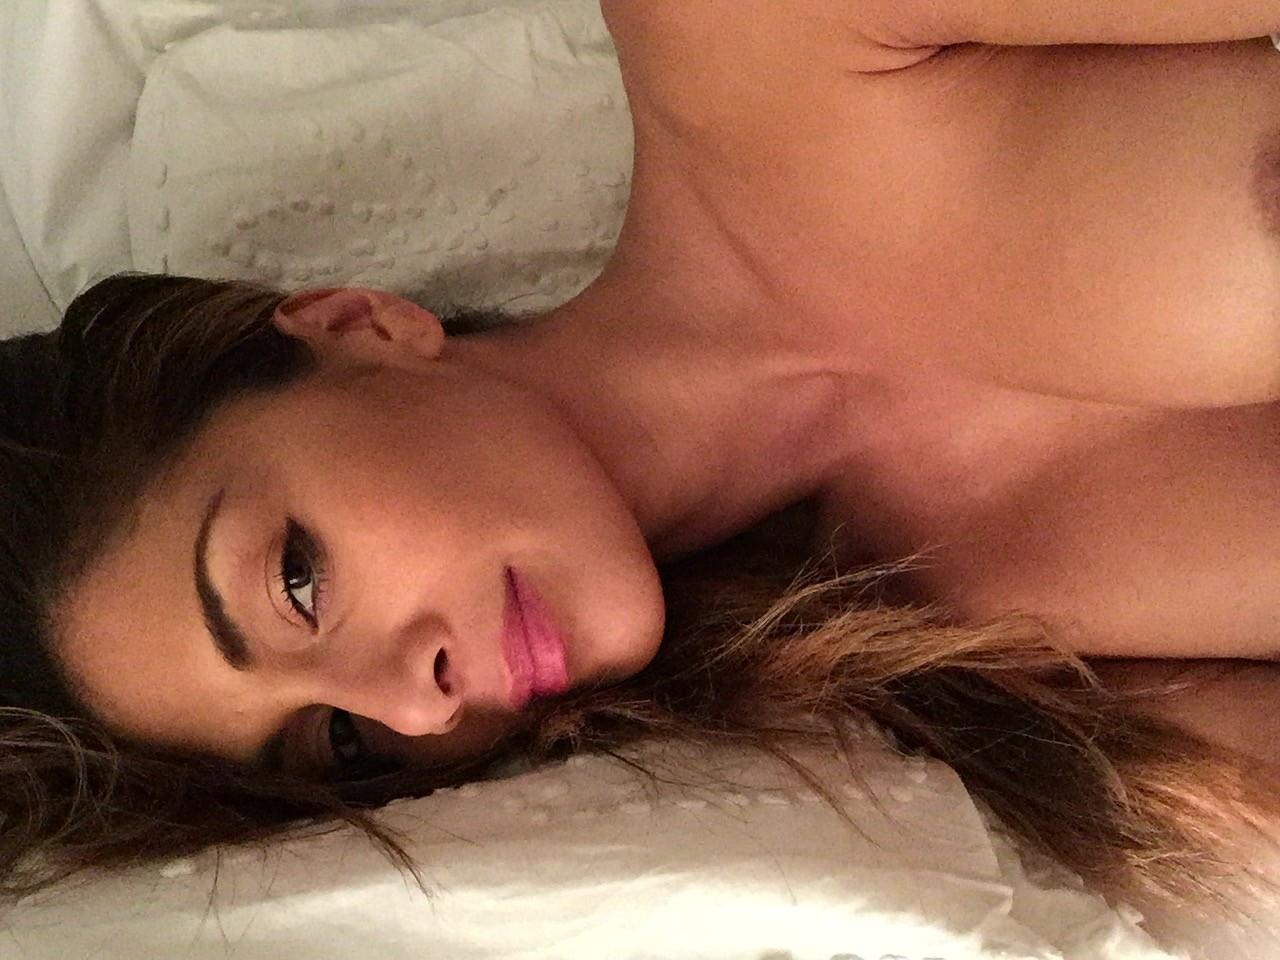 Nicole Scherzinger Leaked Pics, Boobs and Ass